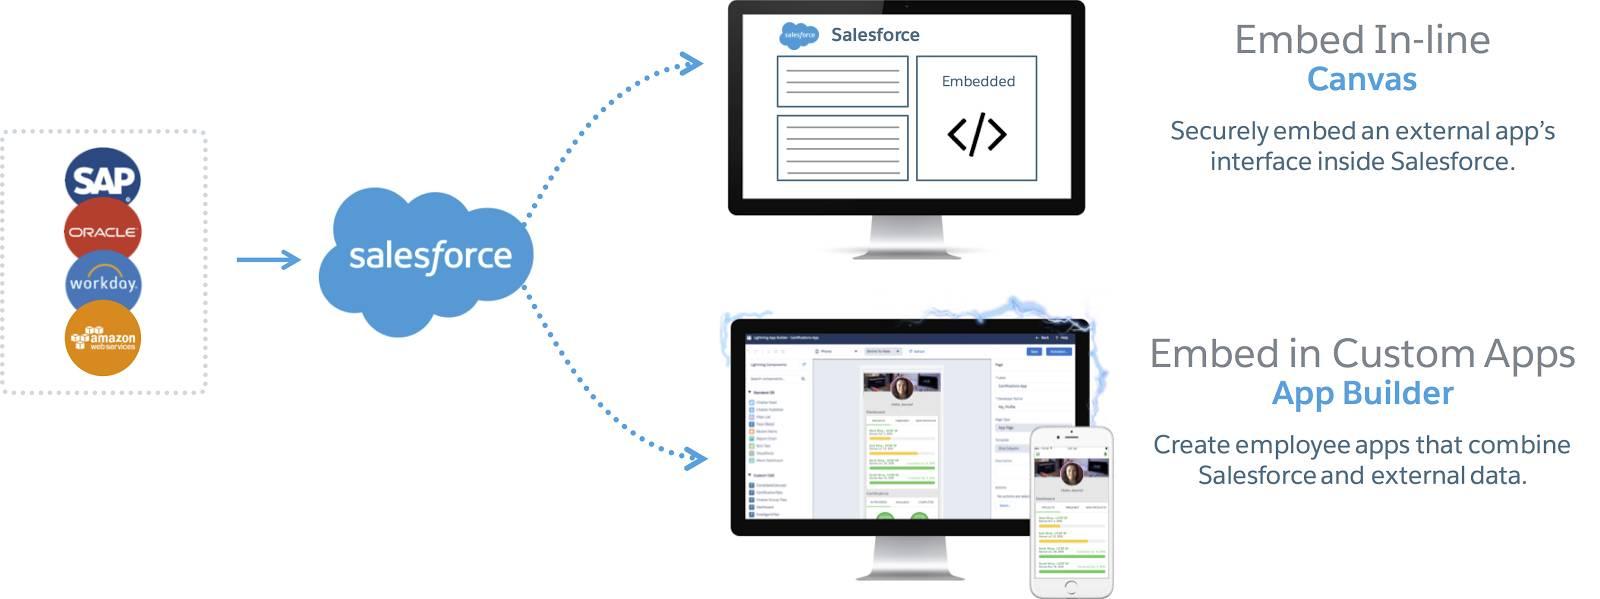 Infografik des Flusses von Daten aus externen Systemen in Salesforce, wo sie wiederum in Canvas einfließen, wodurch eine Inline-Einbindung in Salesforce und in den Lightning-Anwendungsgenerator möglich wird, mit dem Sie eine Einbindung in benutzerdefinierte Anwendungen in Salesforce vornehmen können.